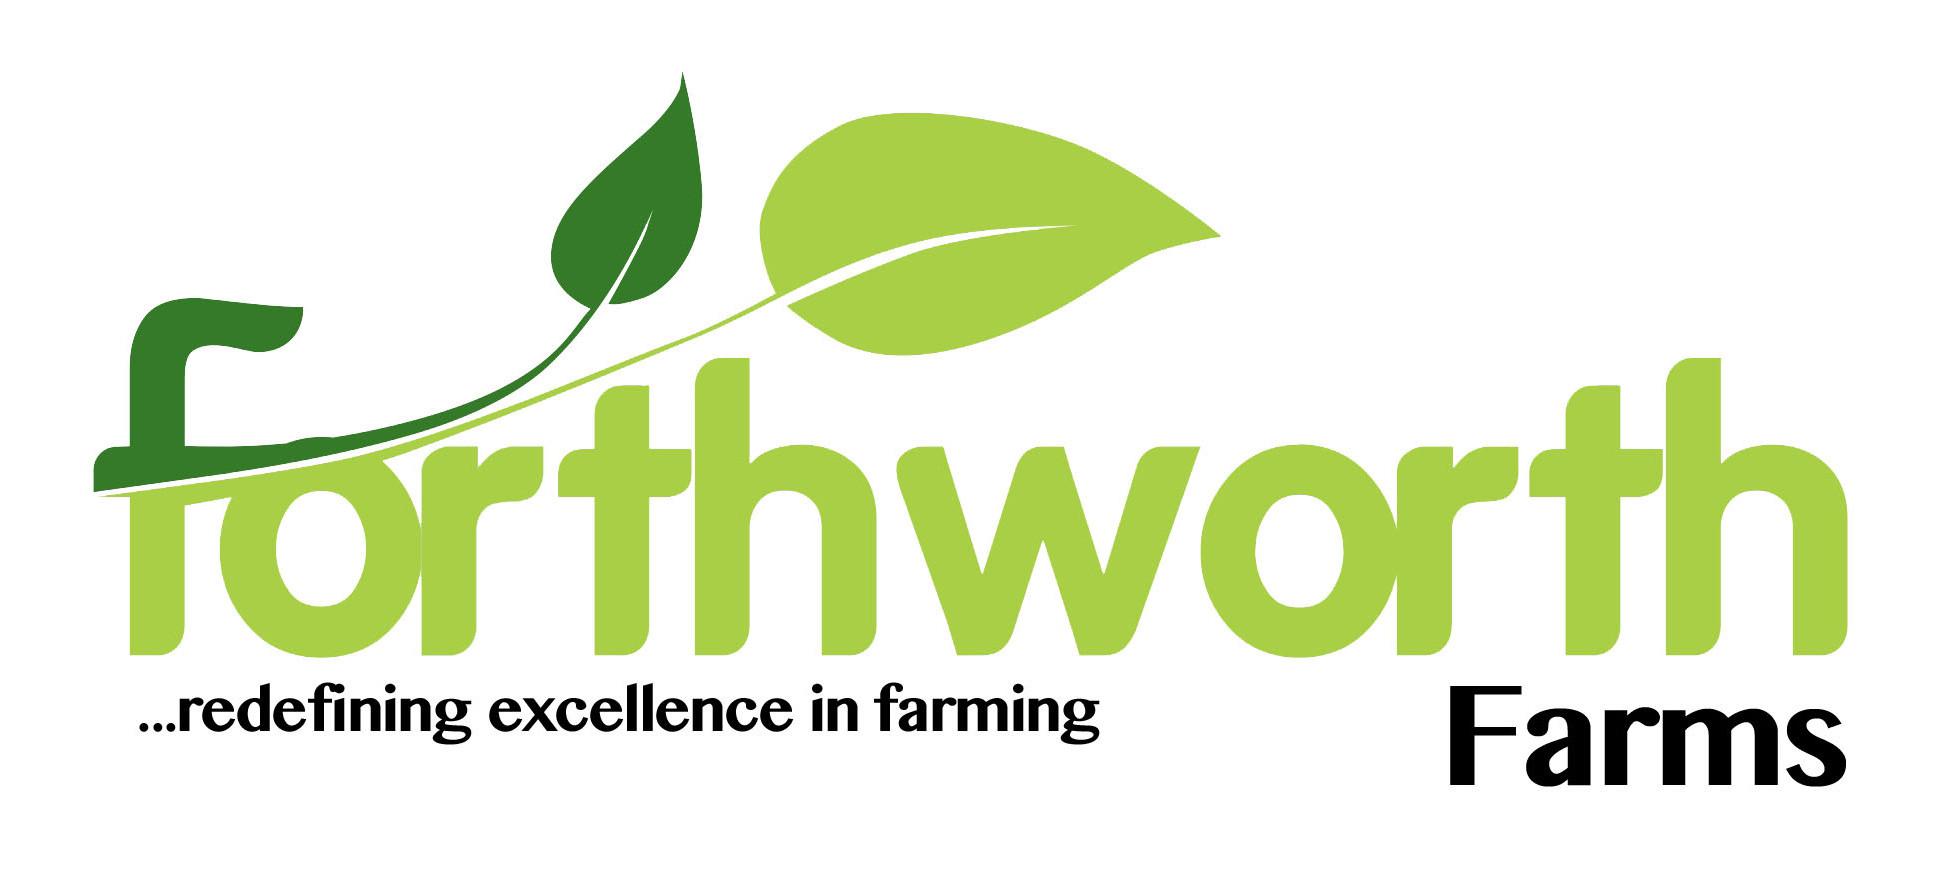 Forthworth-Farms-Logo-A.jpg